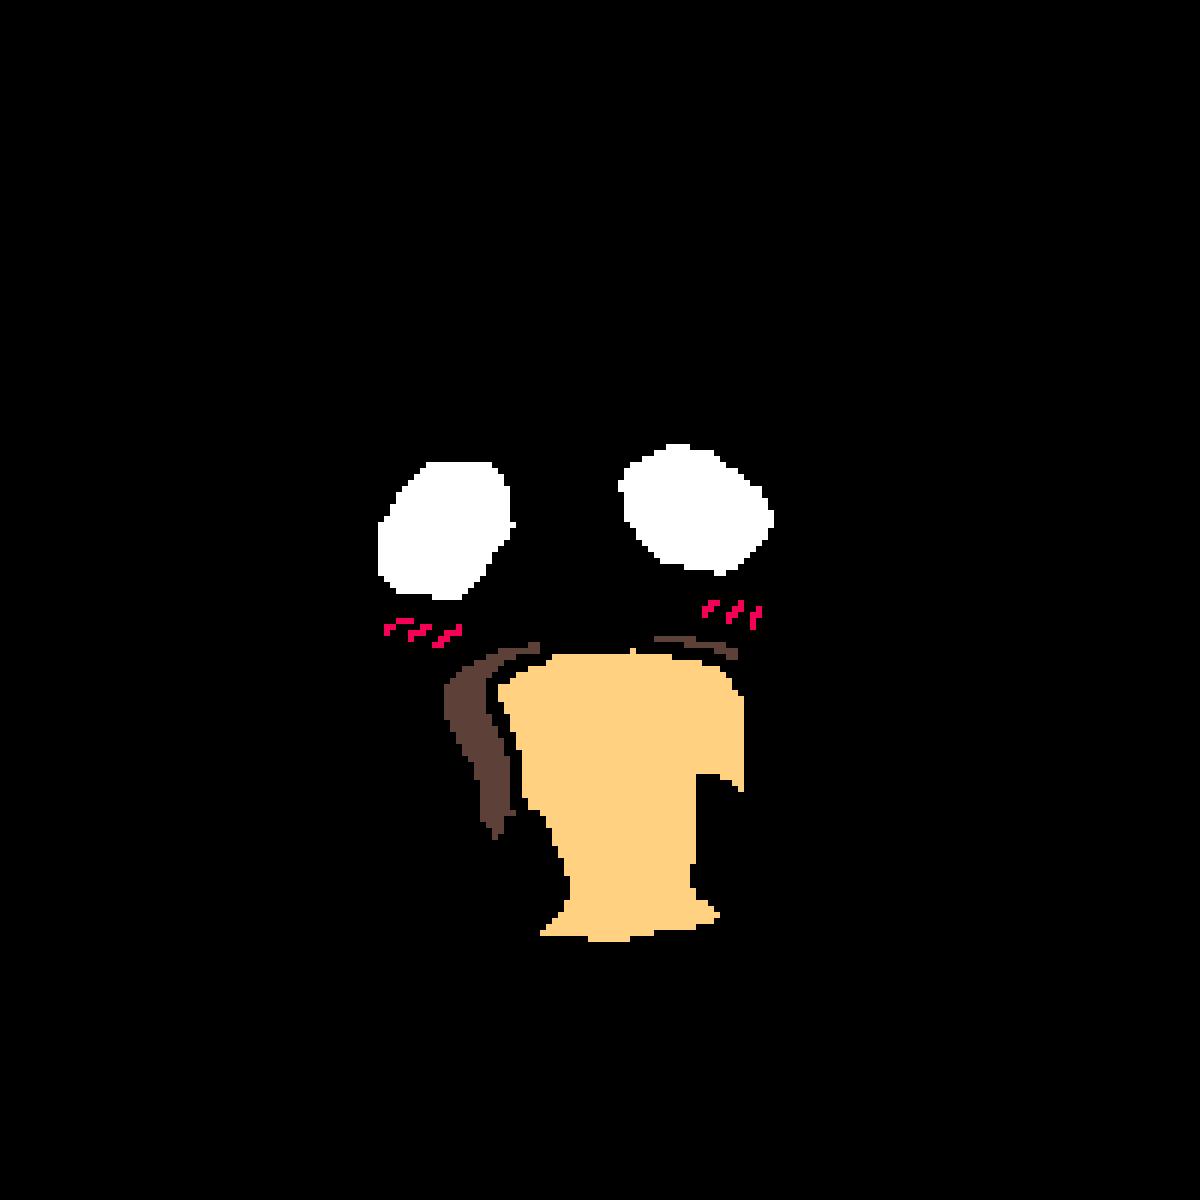 Chibi guy eating toast by ilovezelda2much